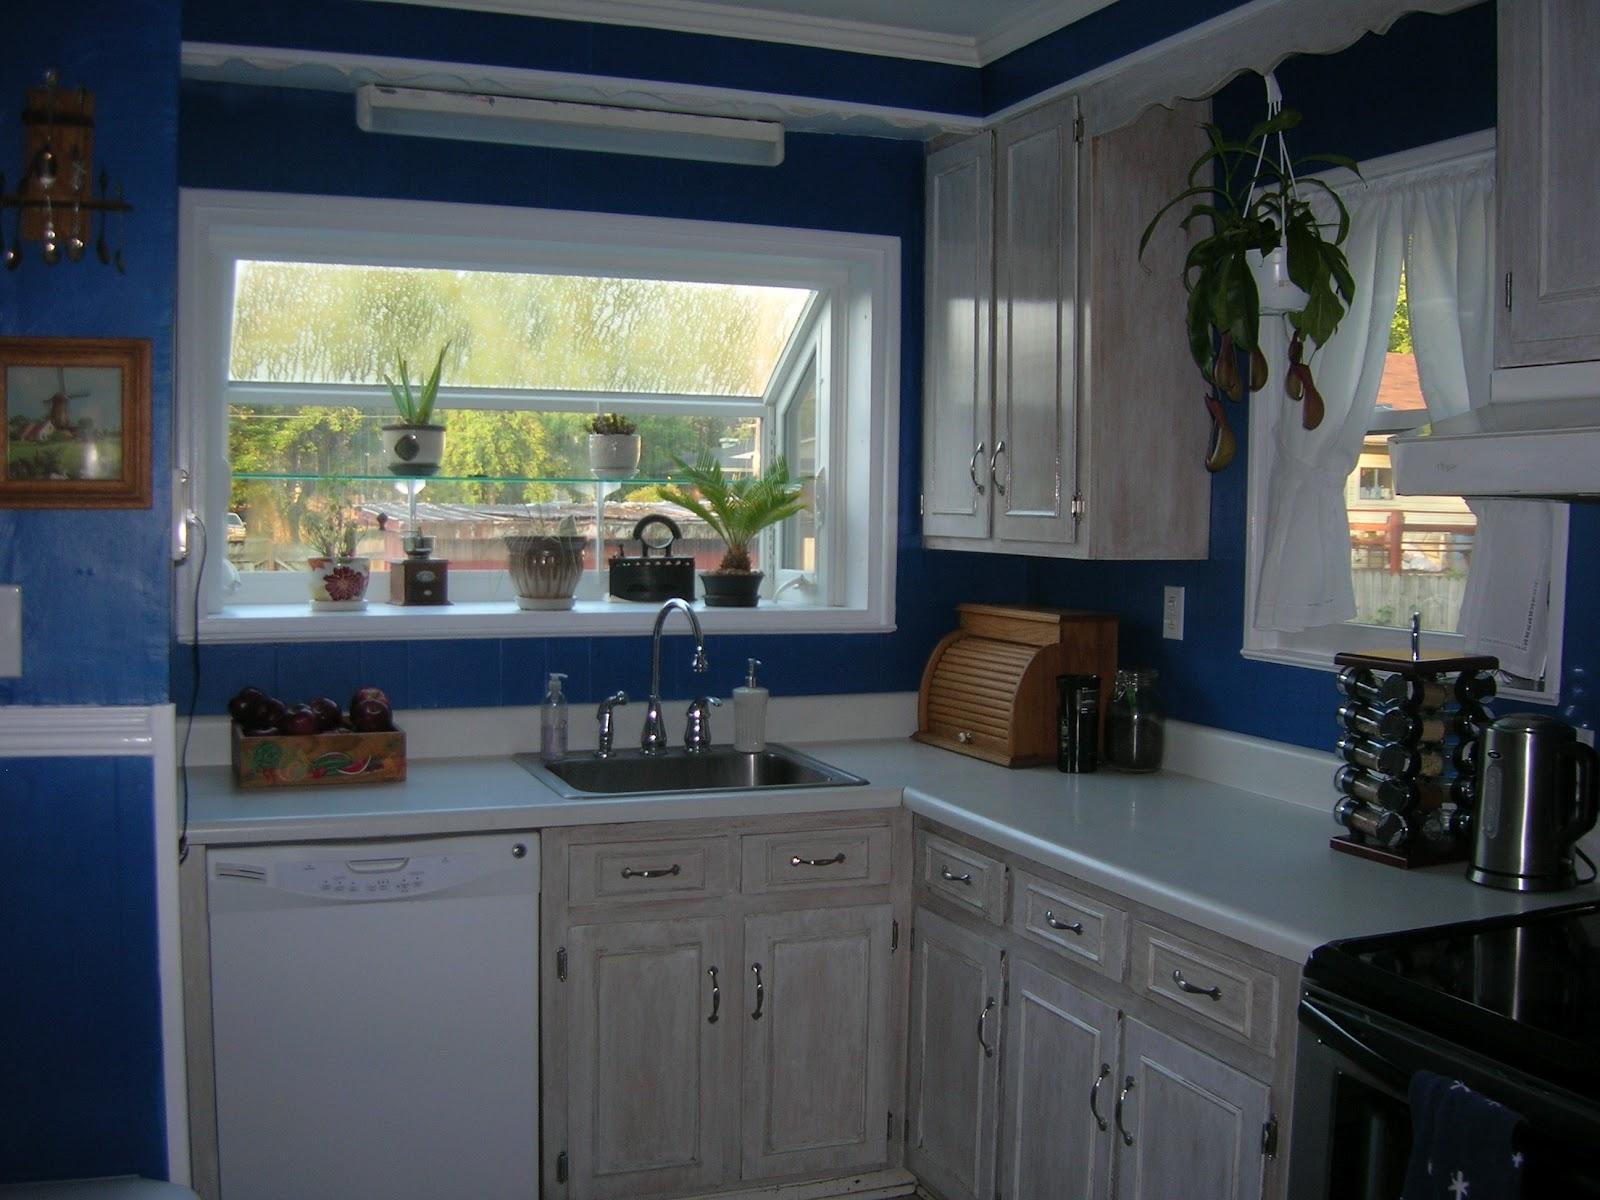 Blue Paint For Kitchen Royal Blue Kitchen Paint Cliff Kitchen